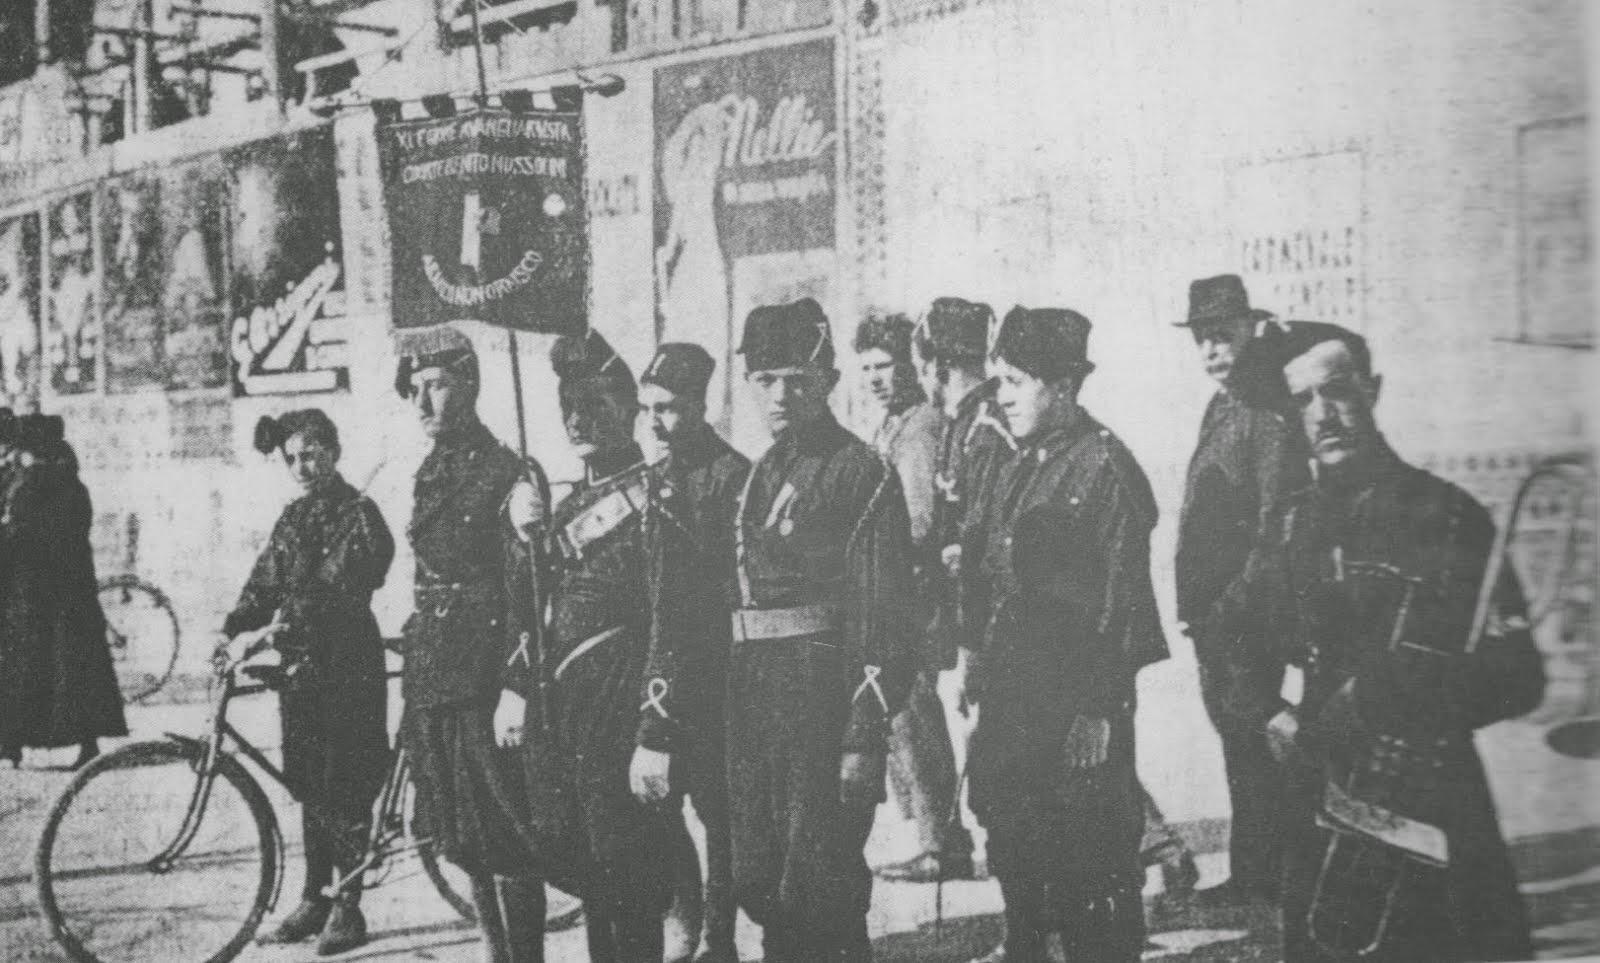 ADUNATA 1927